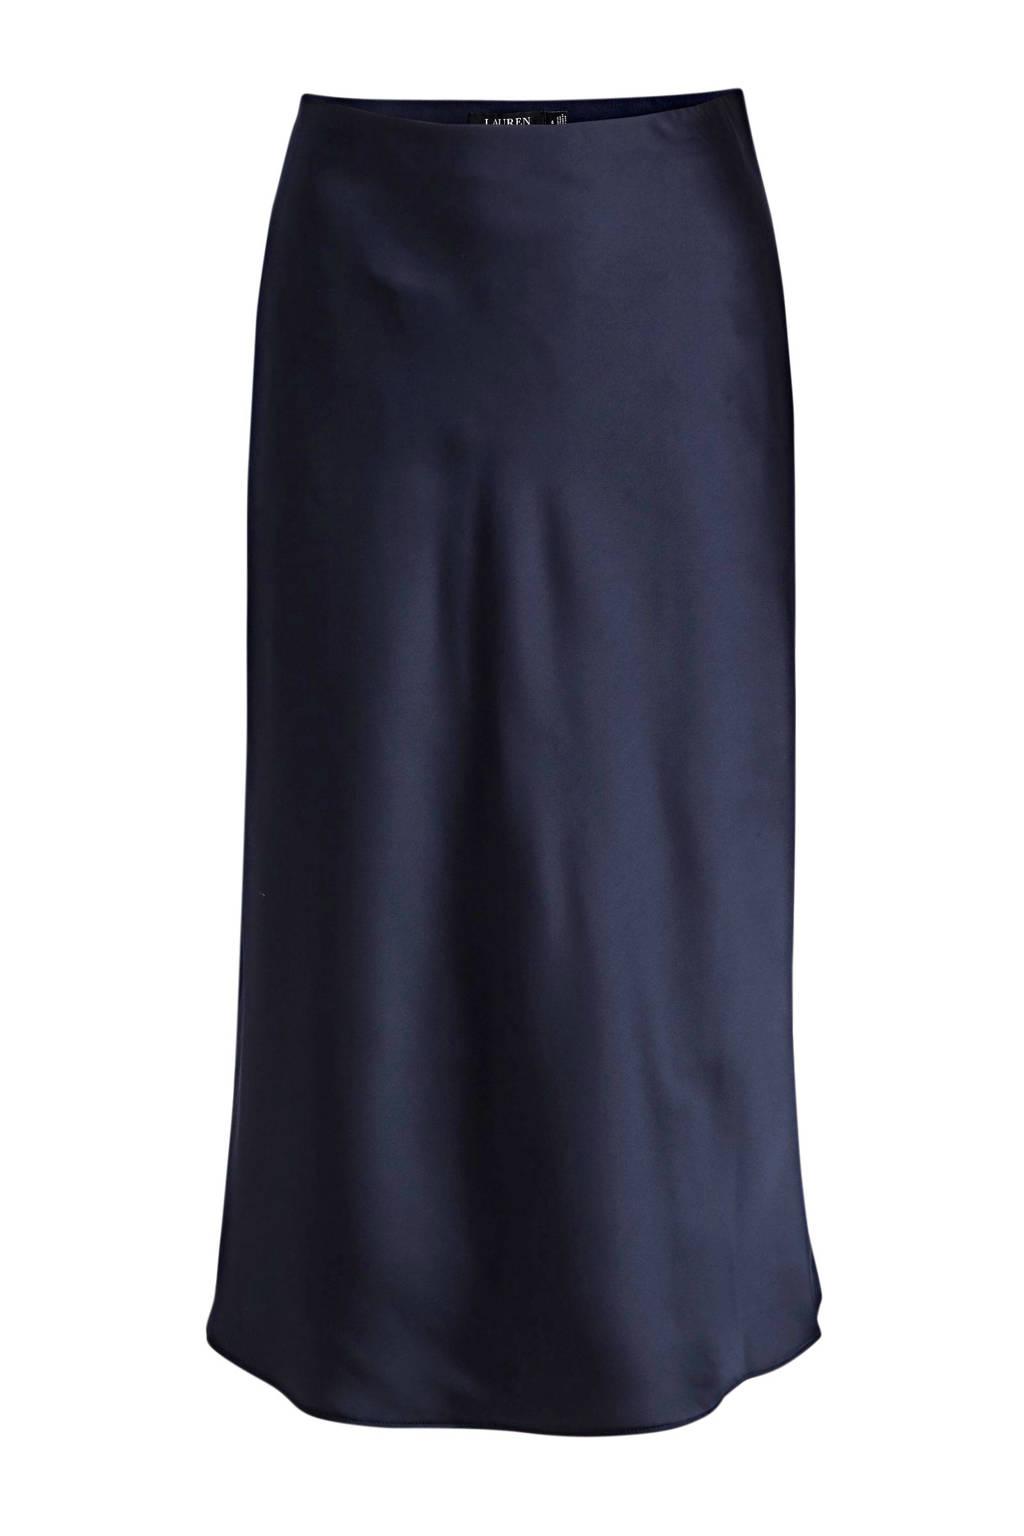 Lauren Ralph Lauren satijnen midi-rok marine, Donkerblauw